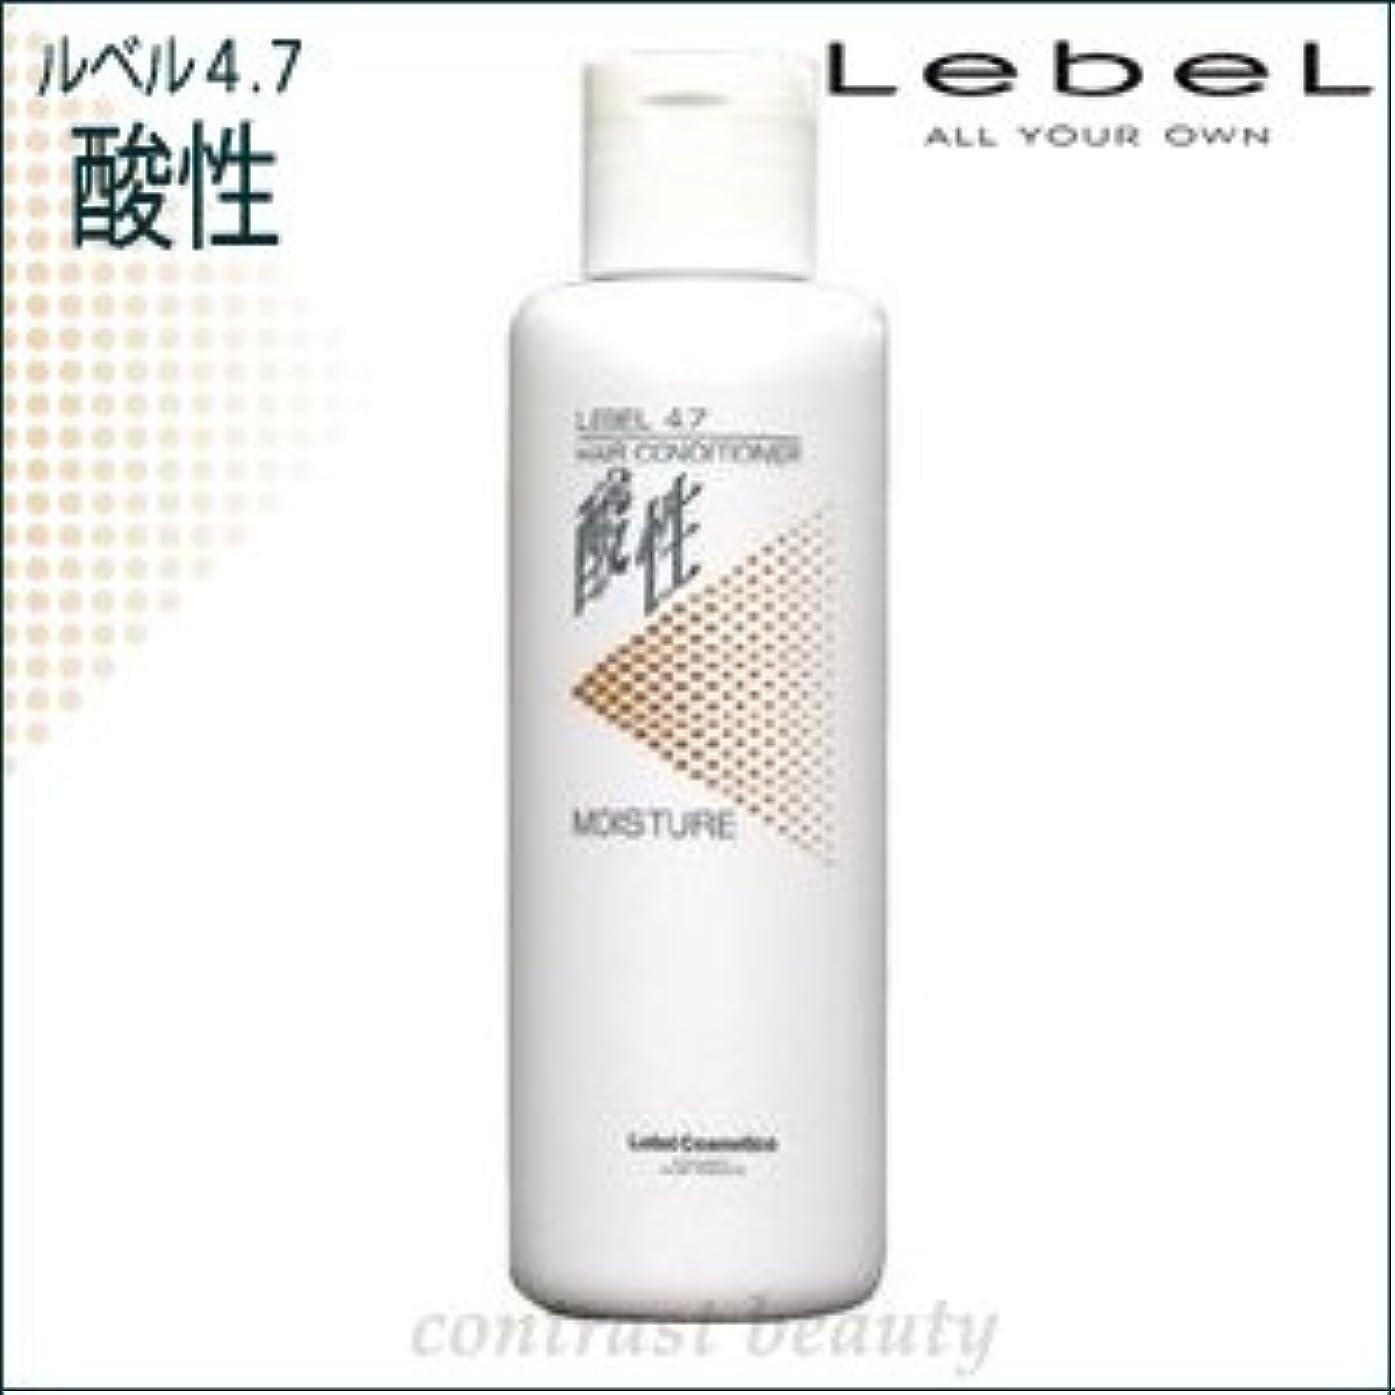 緩やかな鼻繁栄する【X2個セット】 ルベル/LebeL 4.7酸性 モイスチャーコンディショナー 250ml